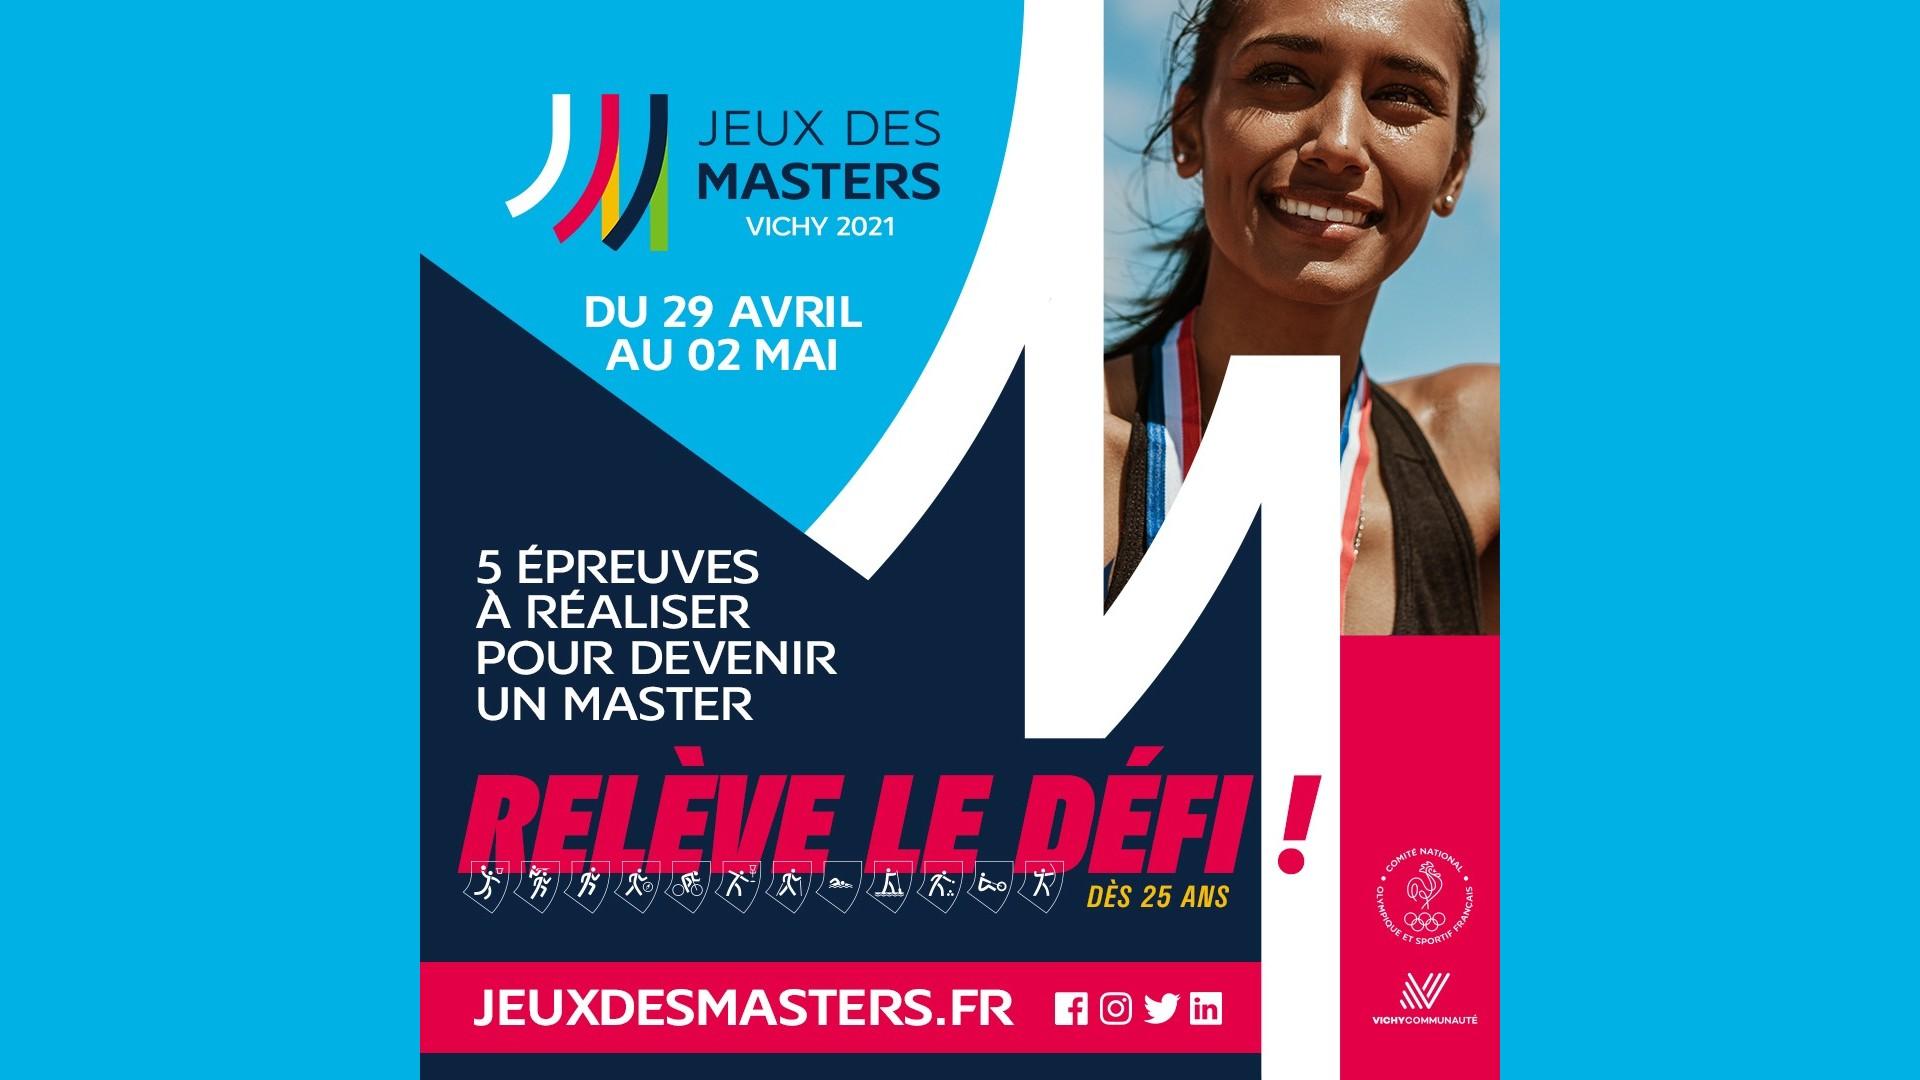 Jeux des Masters 2021 (1) Affiche